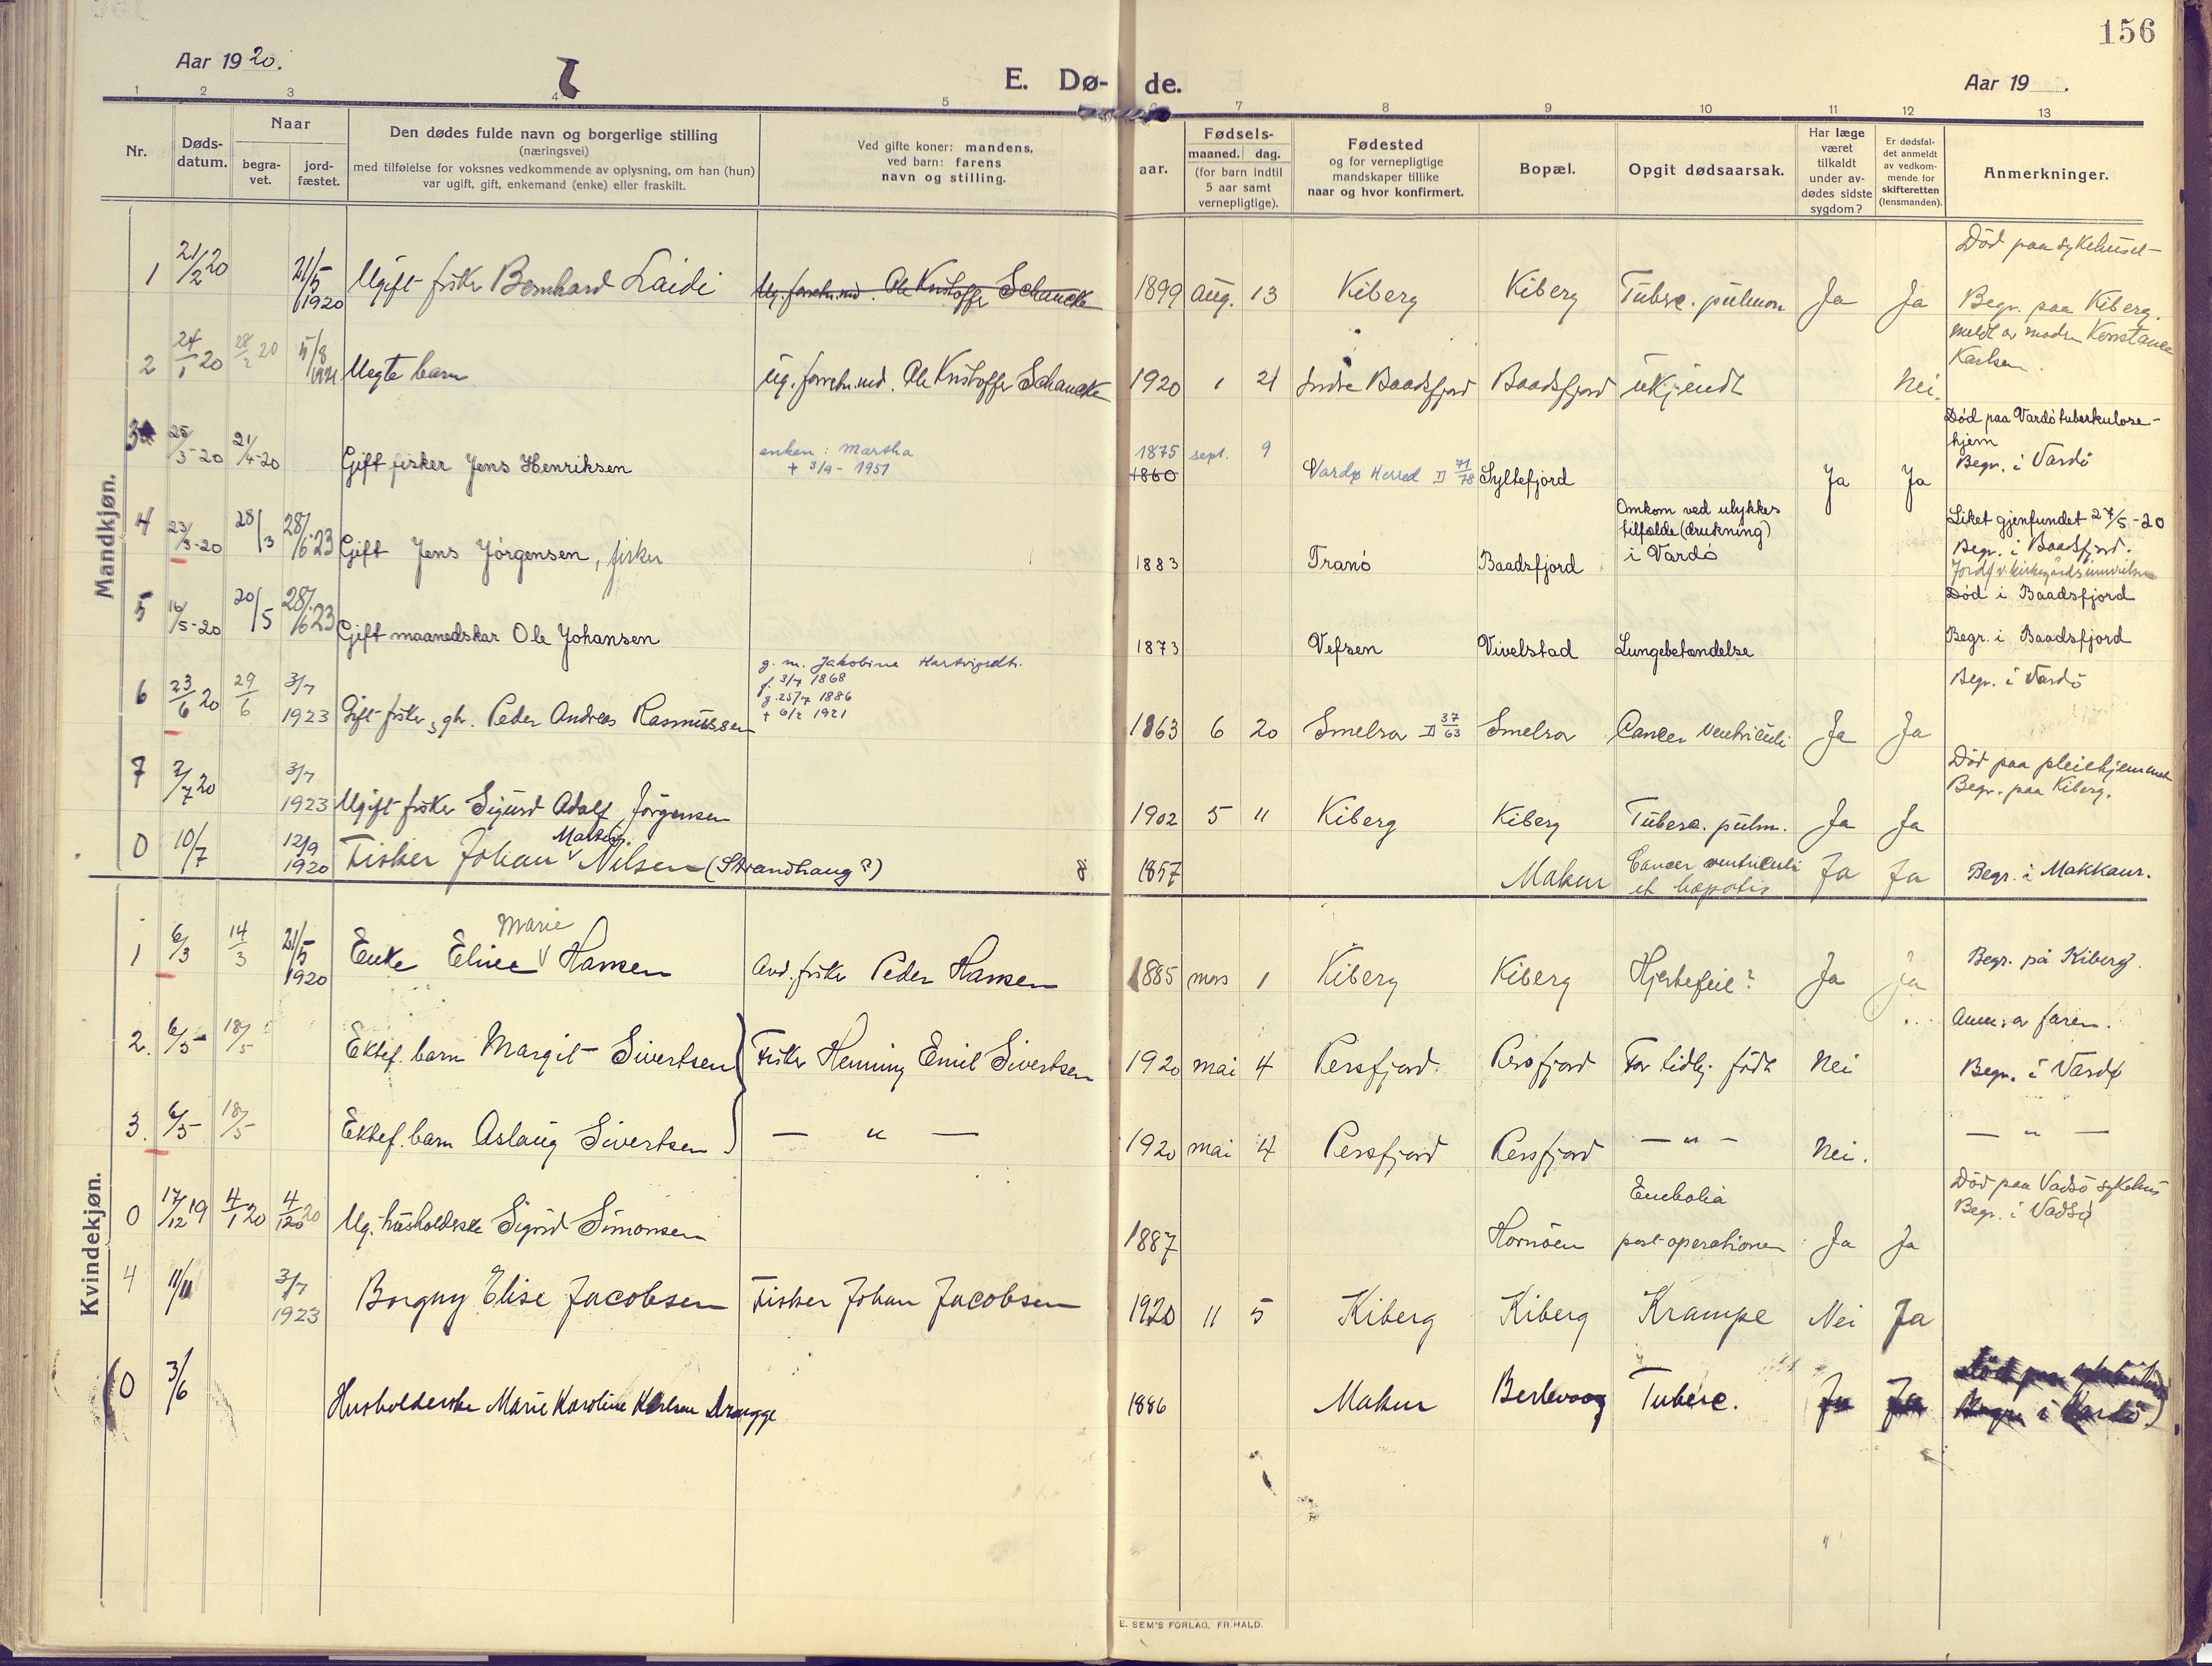 SATØ, Vardø sokneprestkontor, H/Ha/L0013kirke: Ministerialbok nr. 13, 1912-1928, s. 156